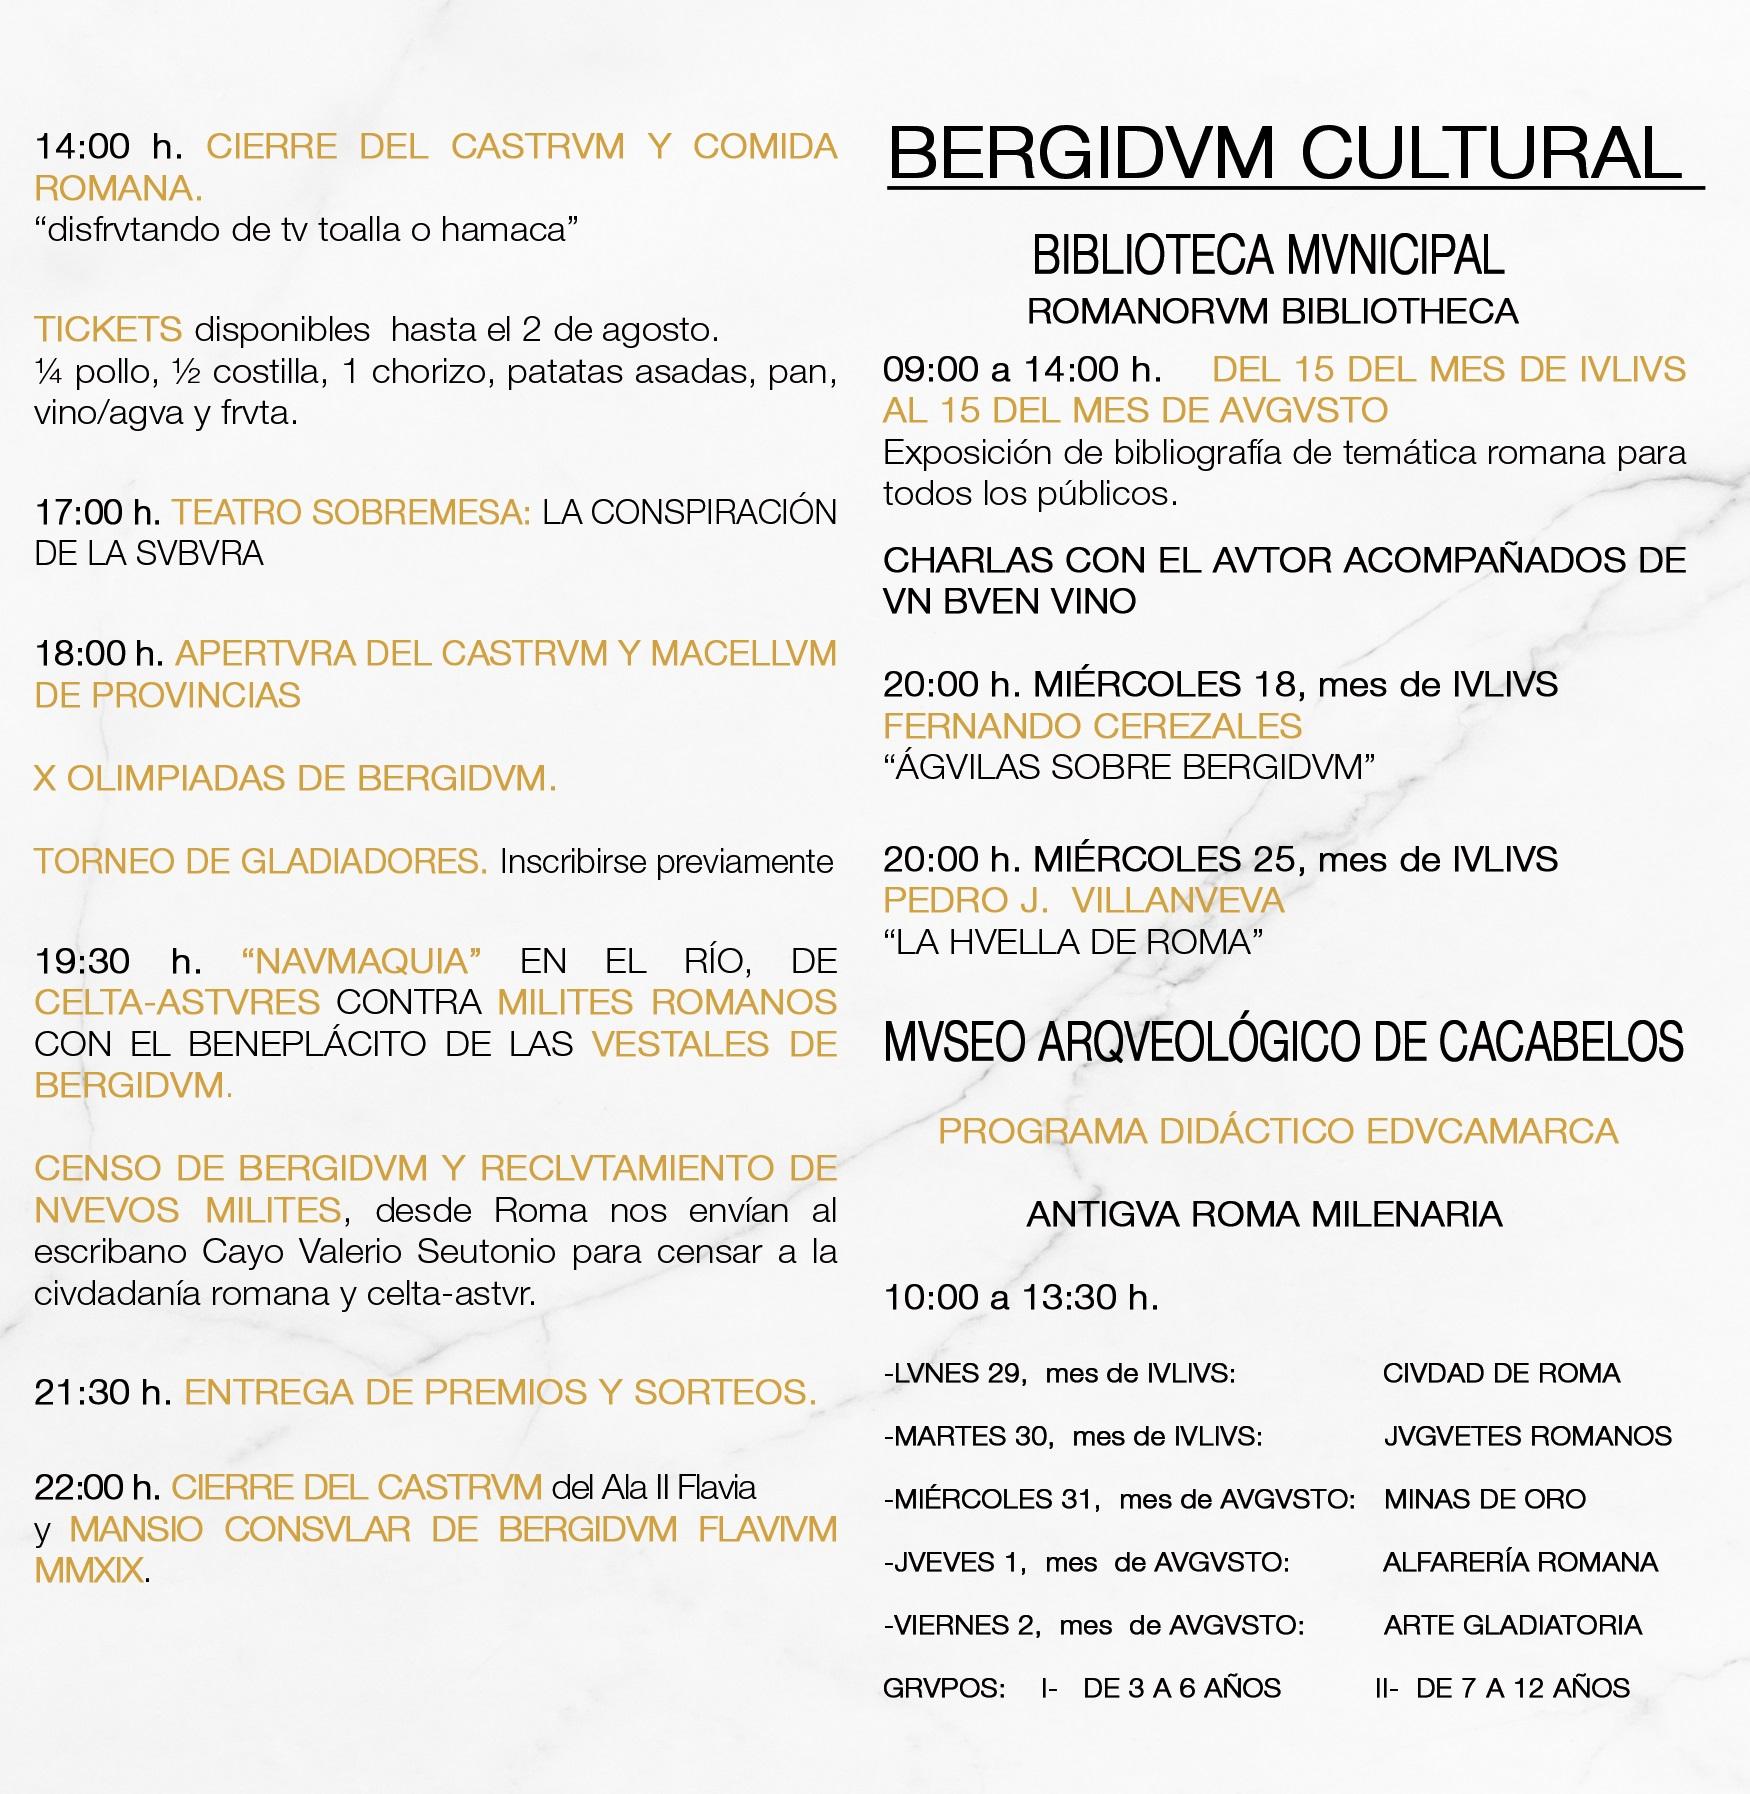 La fiesta romana Lvdvs Bergidvm Flavivm celebra su X aniversario 4